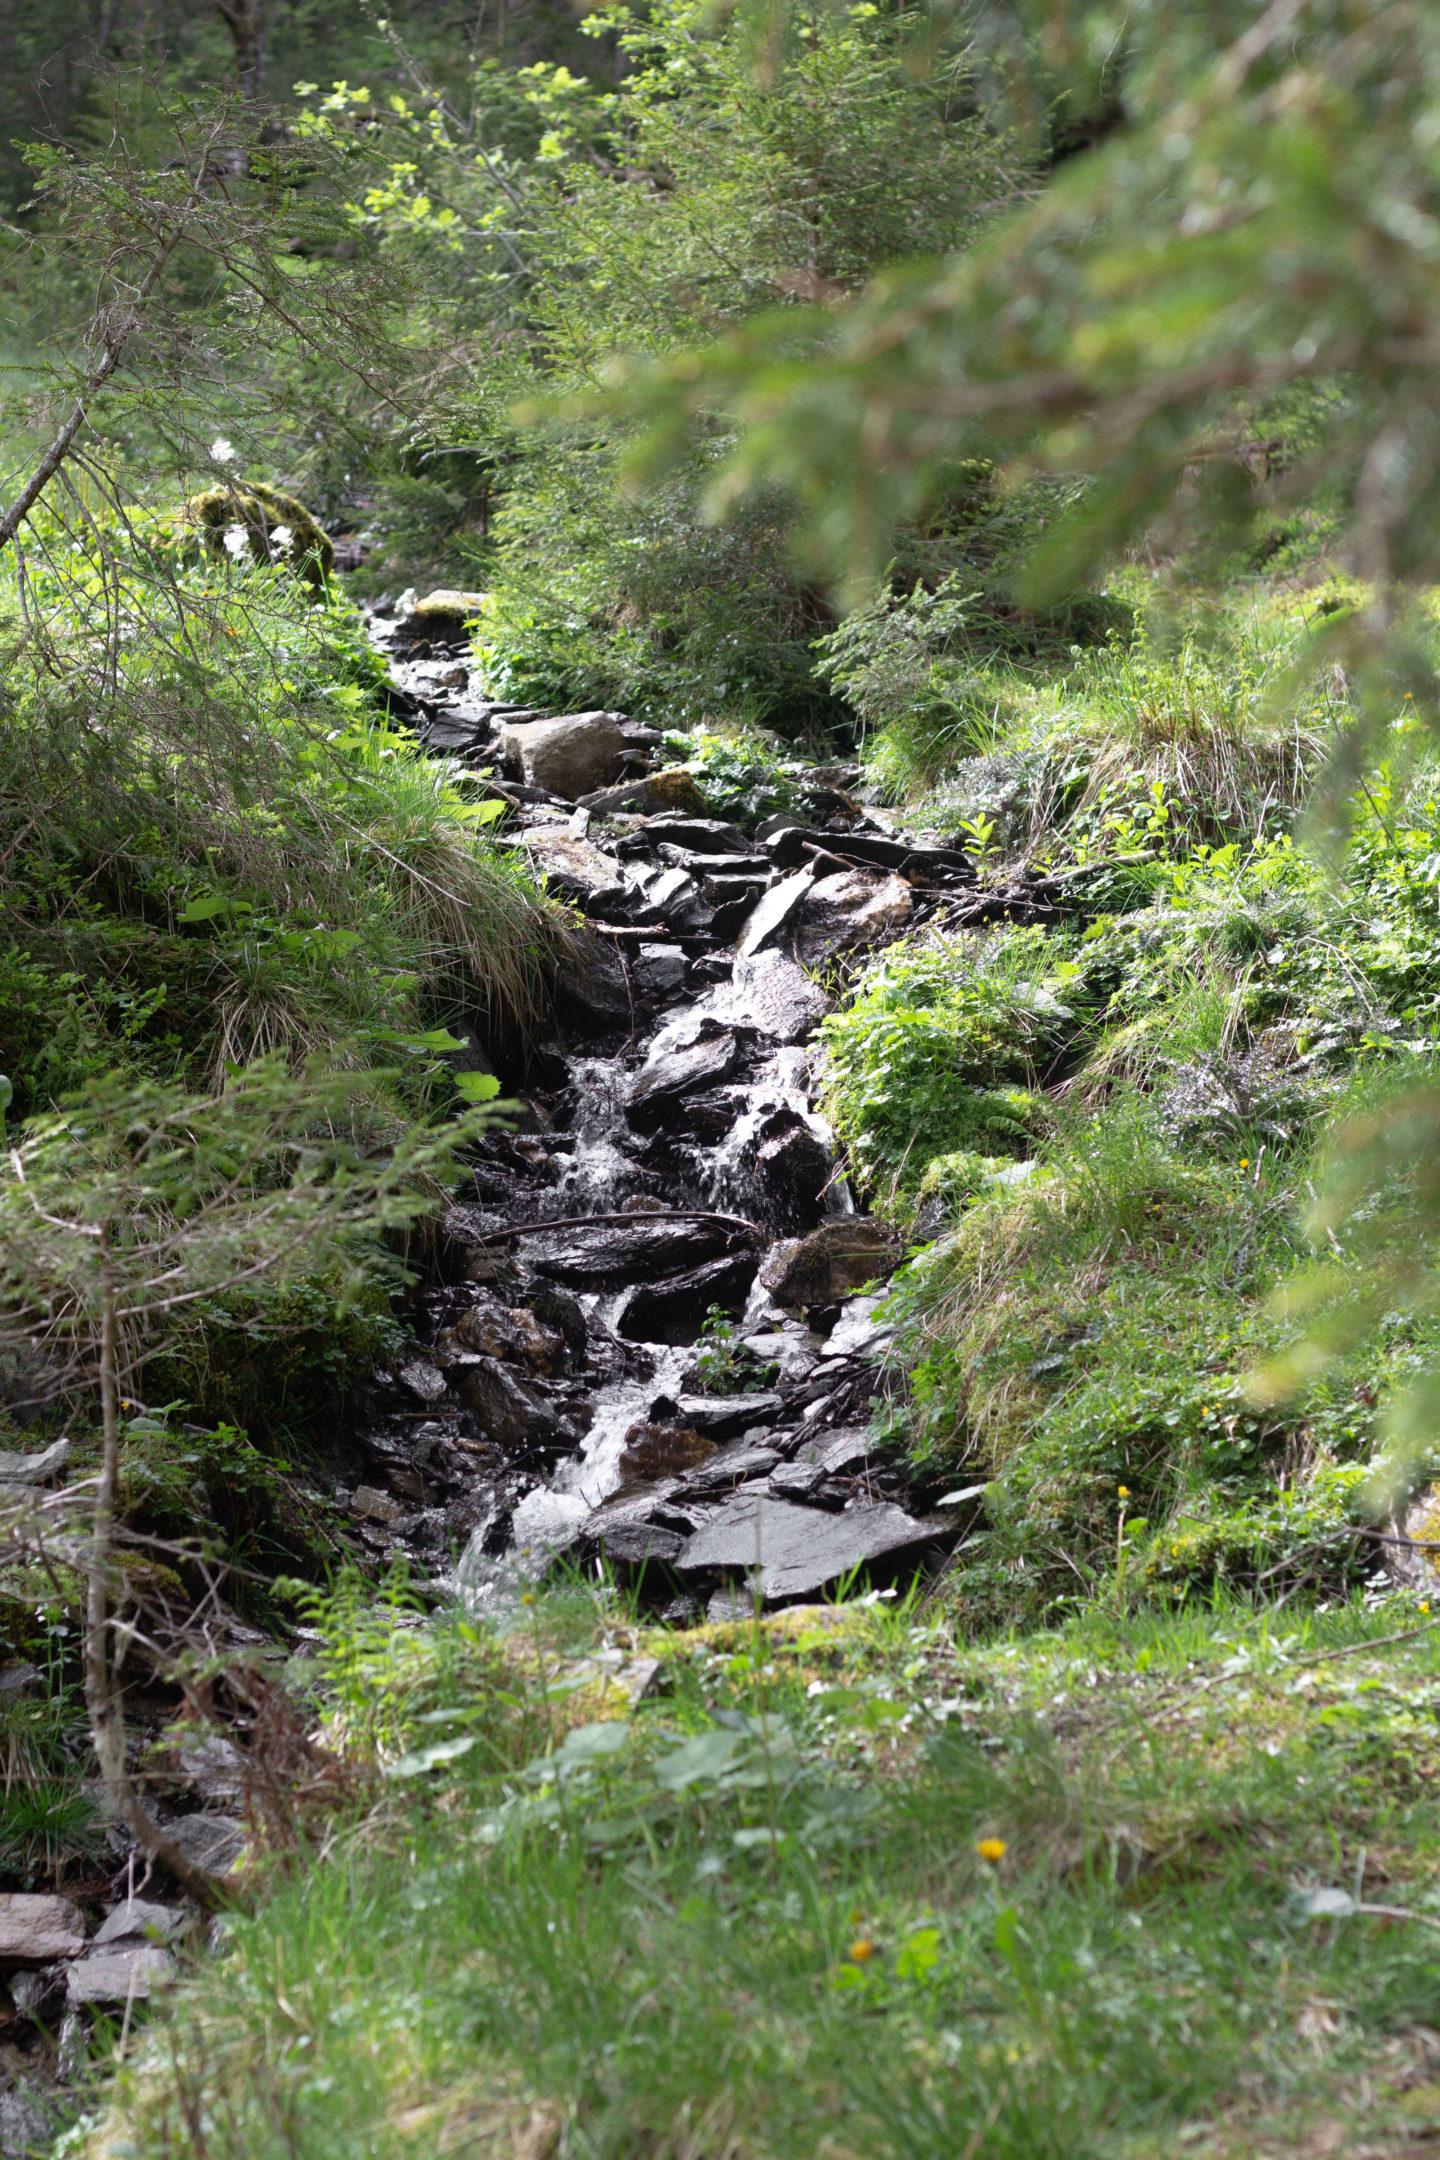 Steirischer Bodensee-Schladming- Ramsau am Dachstein- Steiermark - Wasserfall in Schladming-Dein HomeSpa- Food & Wohlfühlblog aus dem Mostviertel